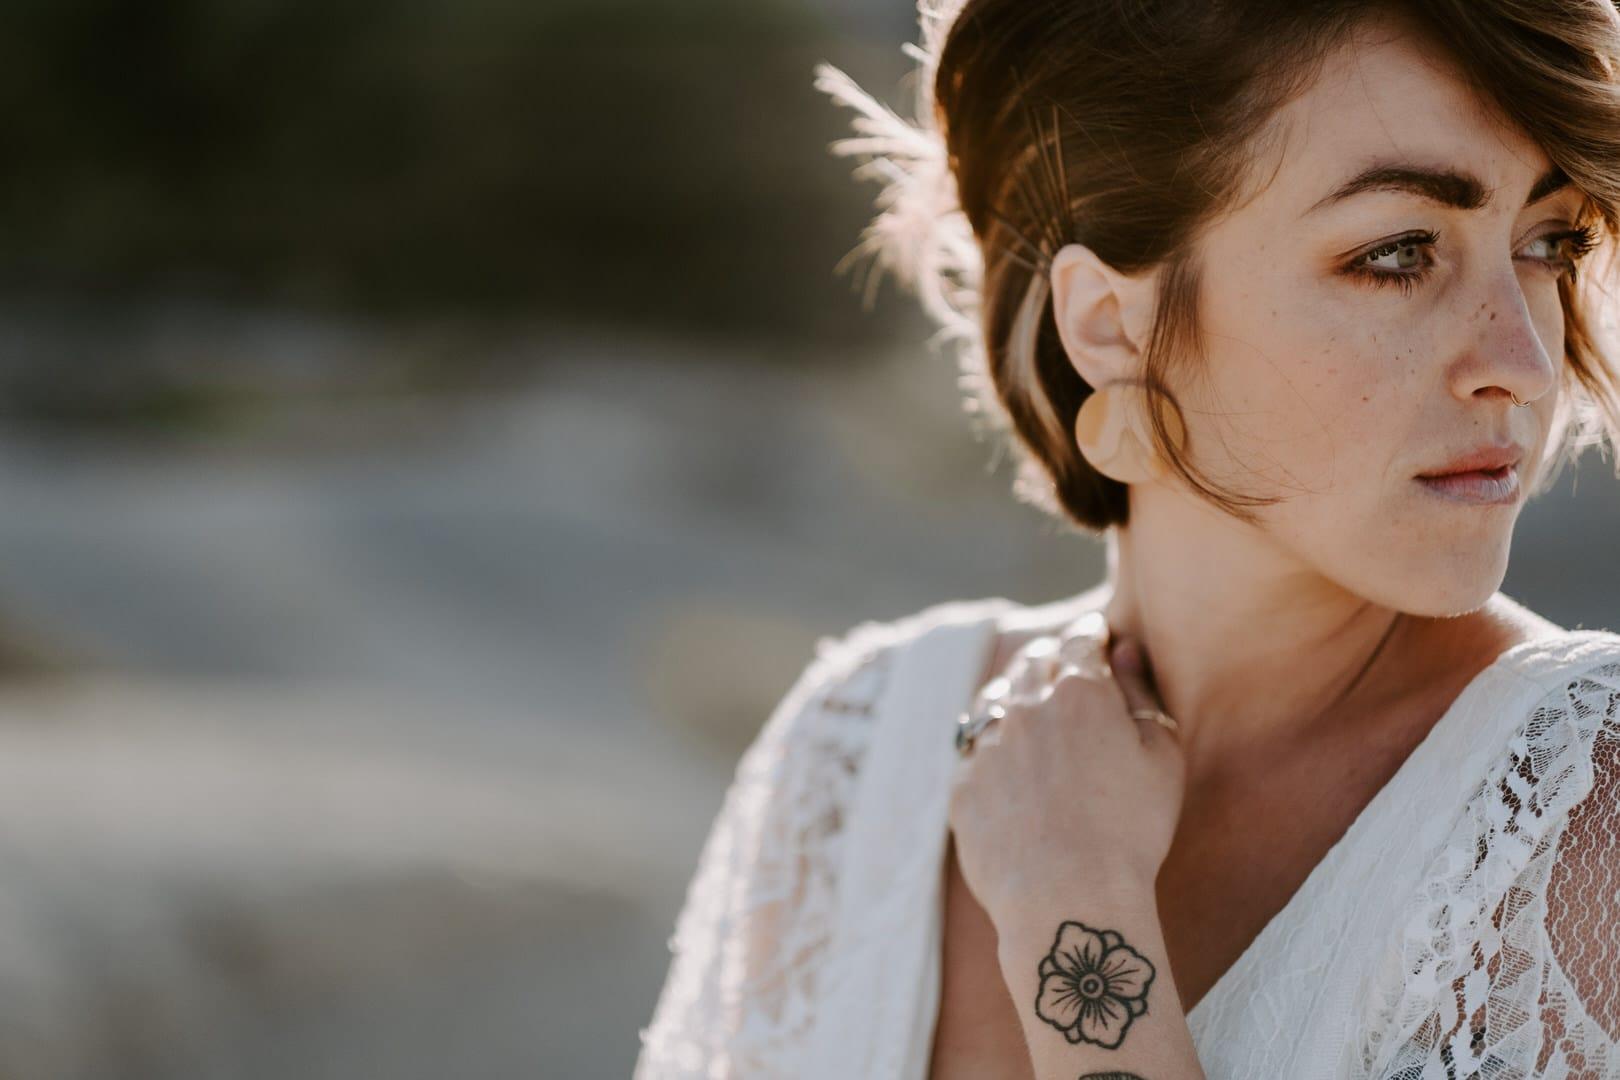 Mademoiselle Mandy - Coiffure et Maquillage de mariée - Paris - La mariée aux pieds nus